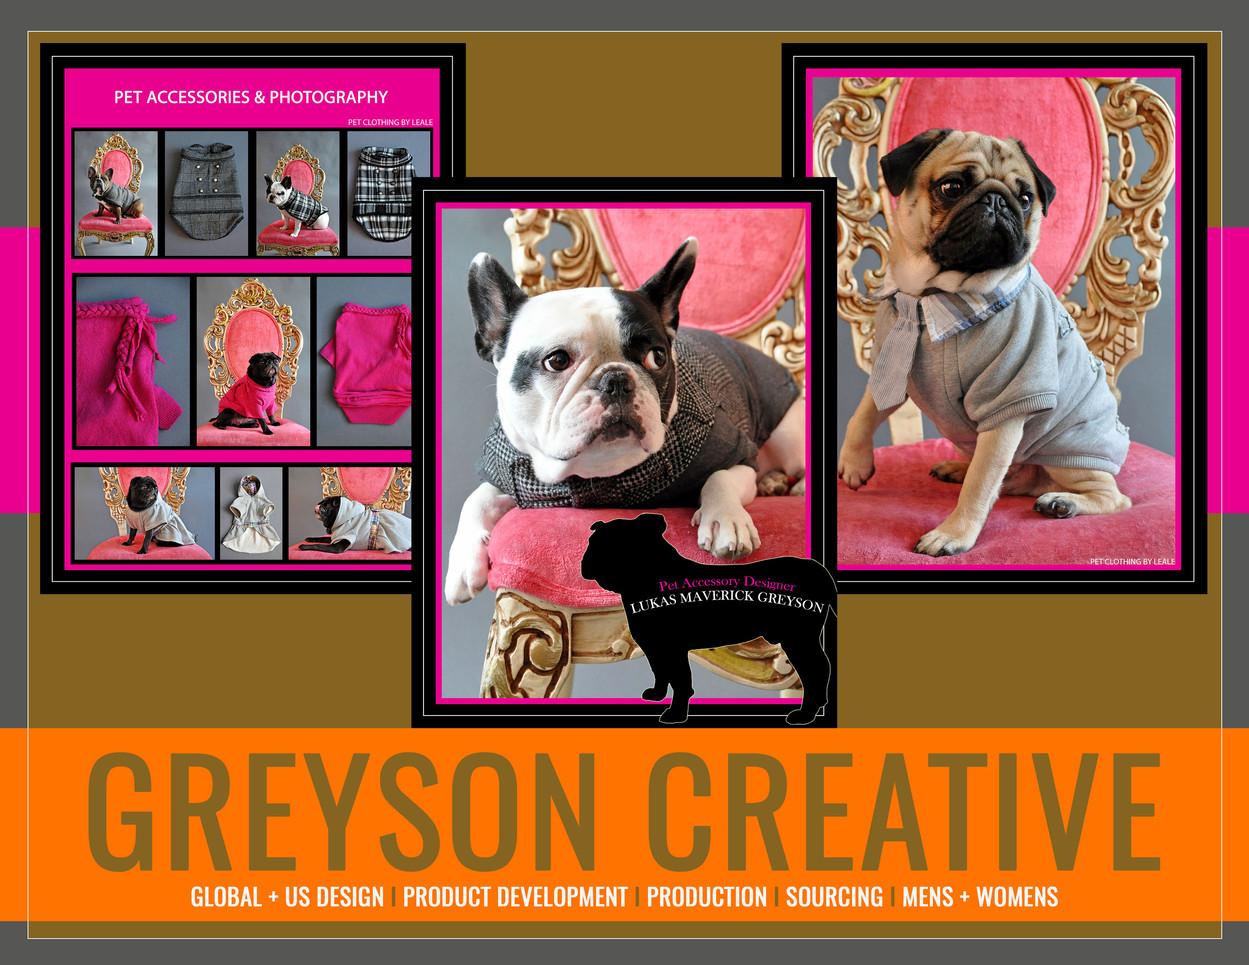 Pet Accessories: Greyson Creative by Lukas Greyson